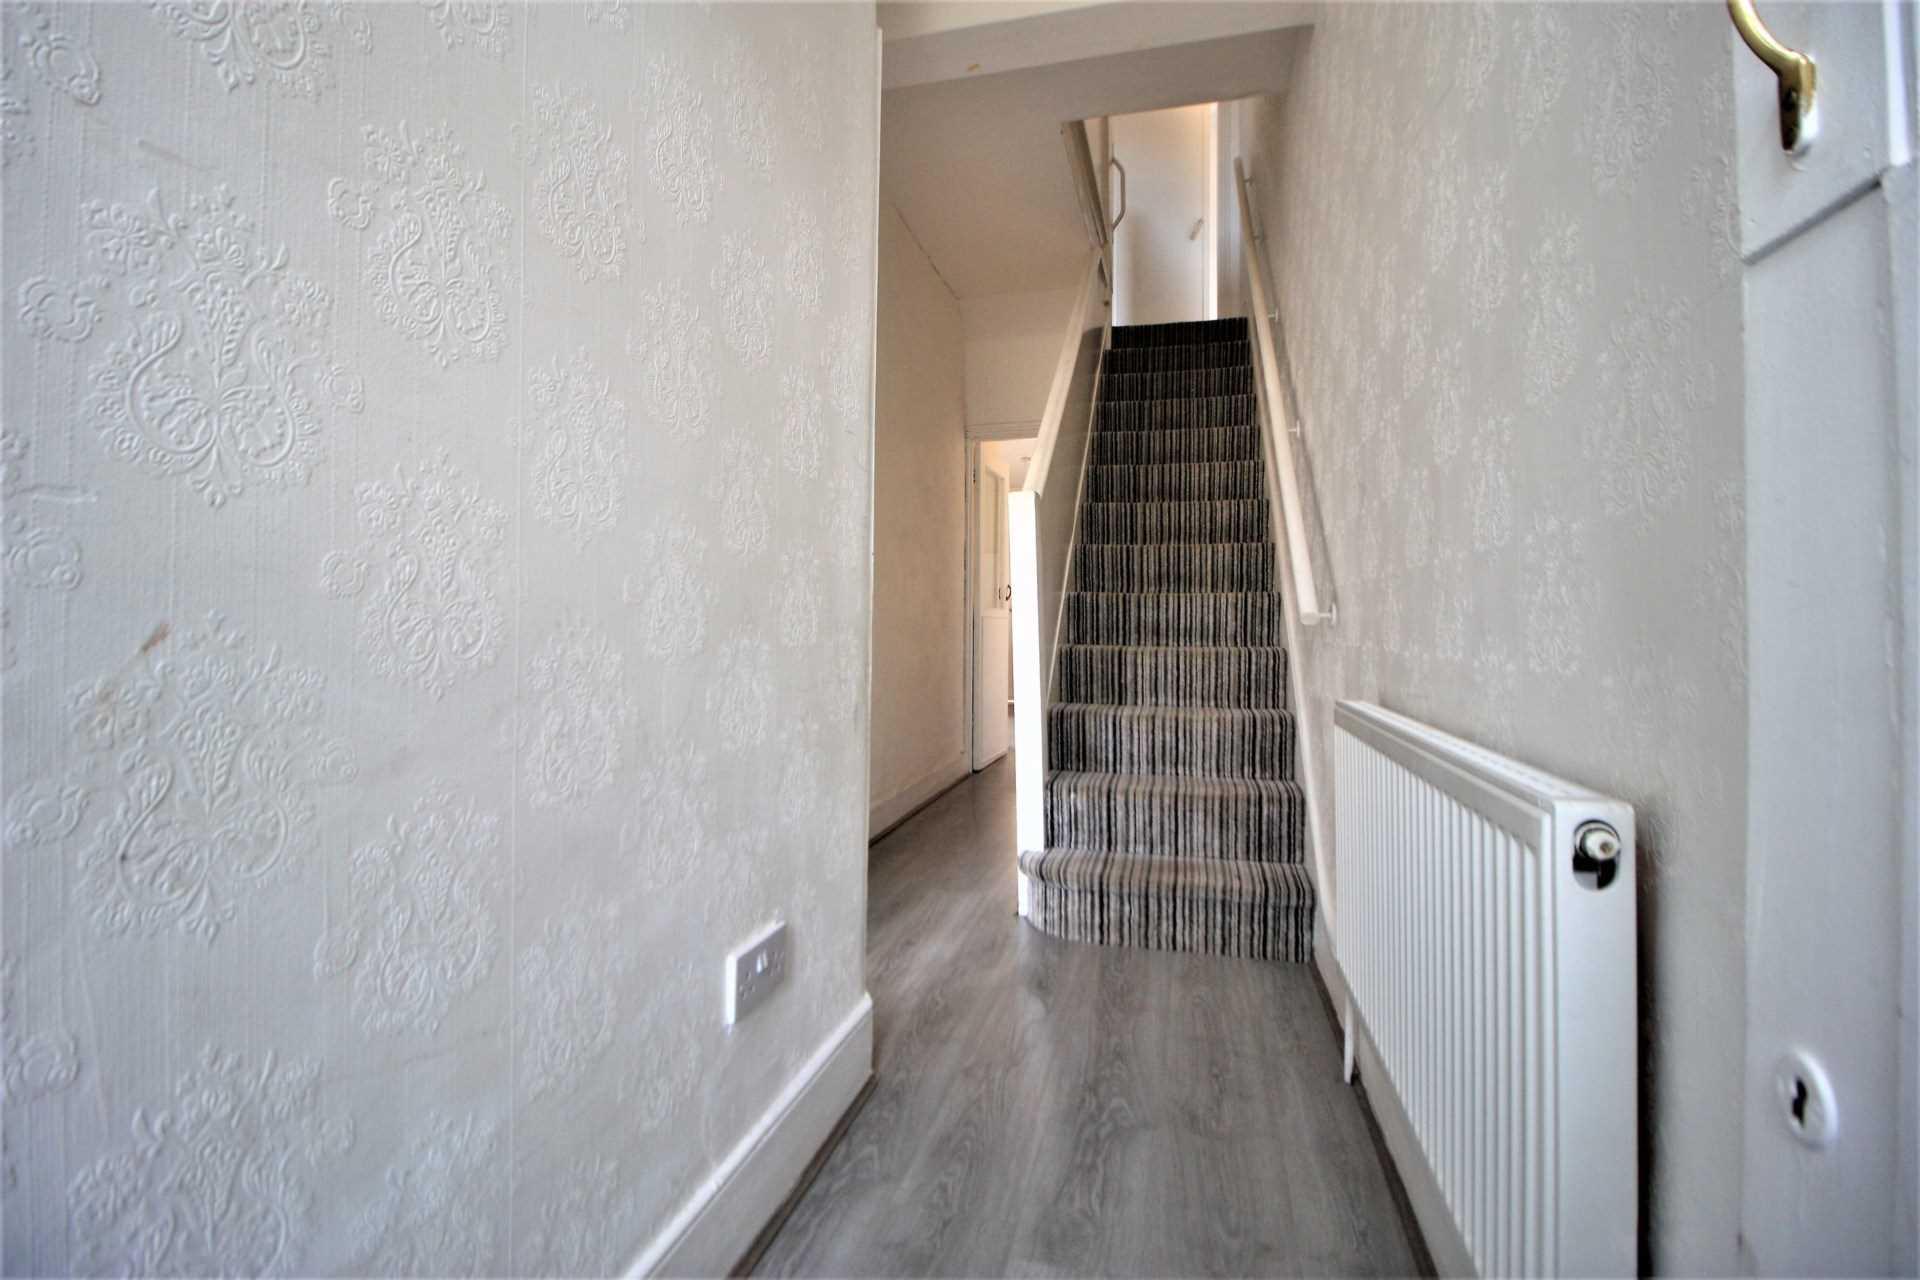 Kenneth Road, Chadwell Heath RM6, Image 3